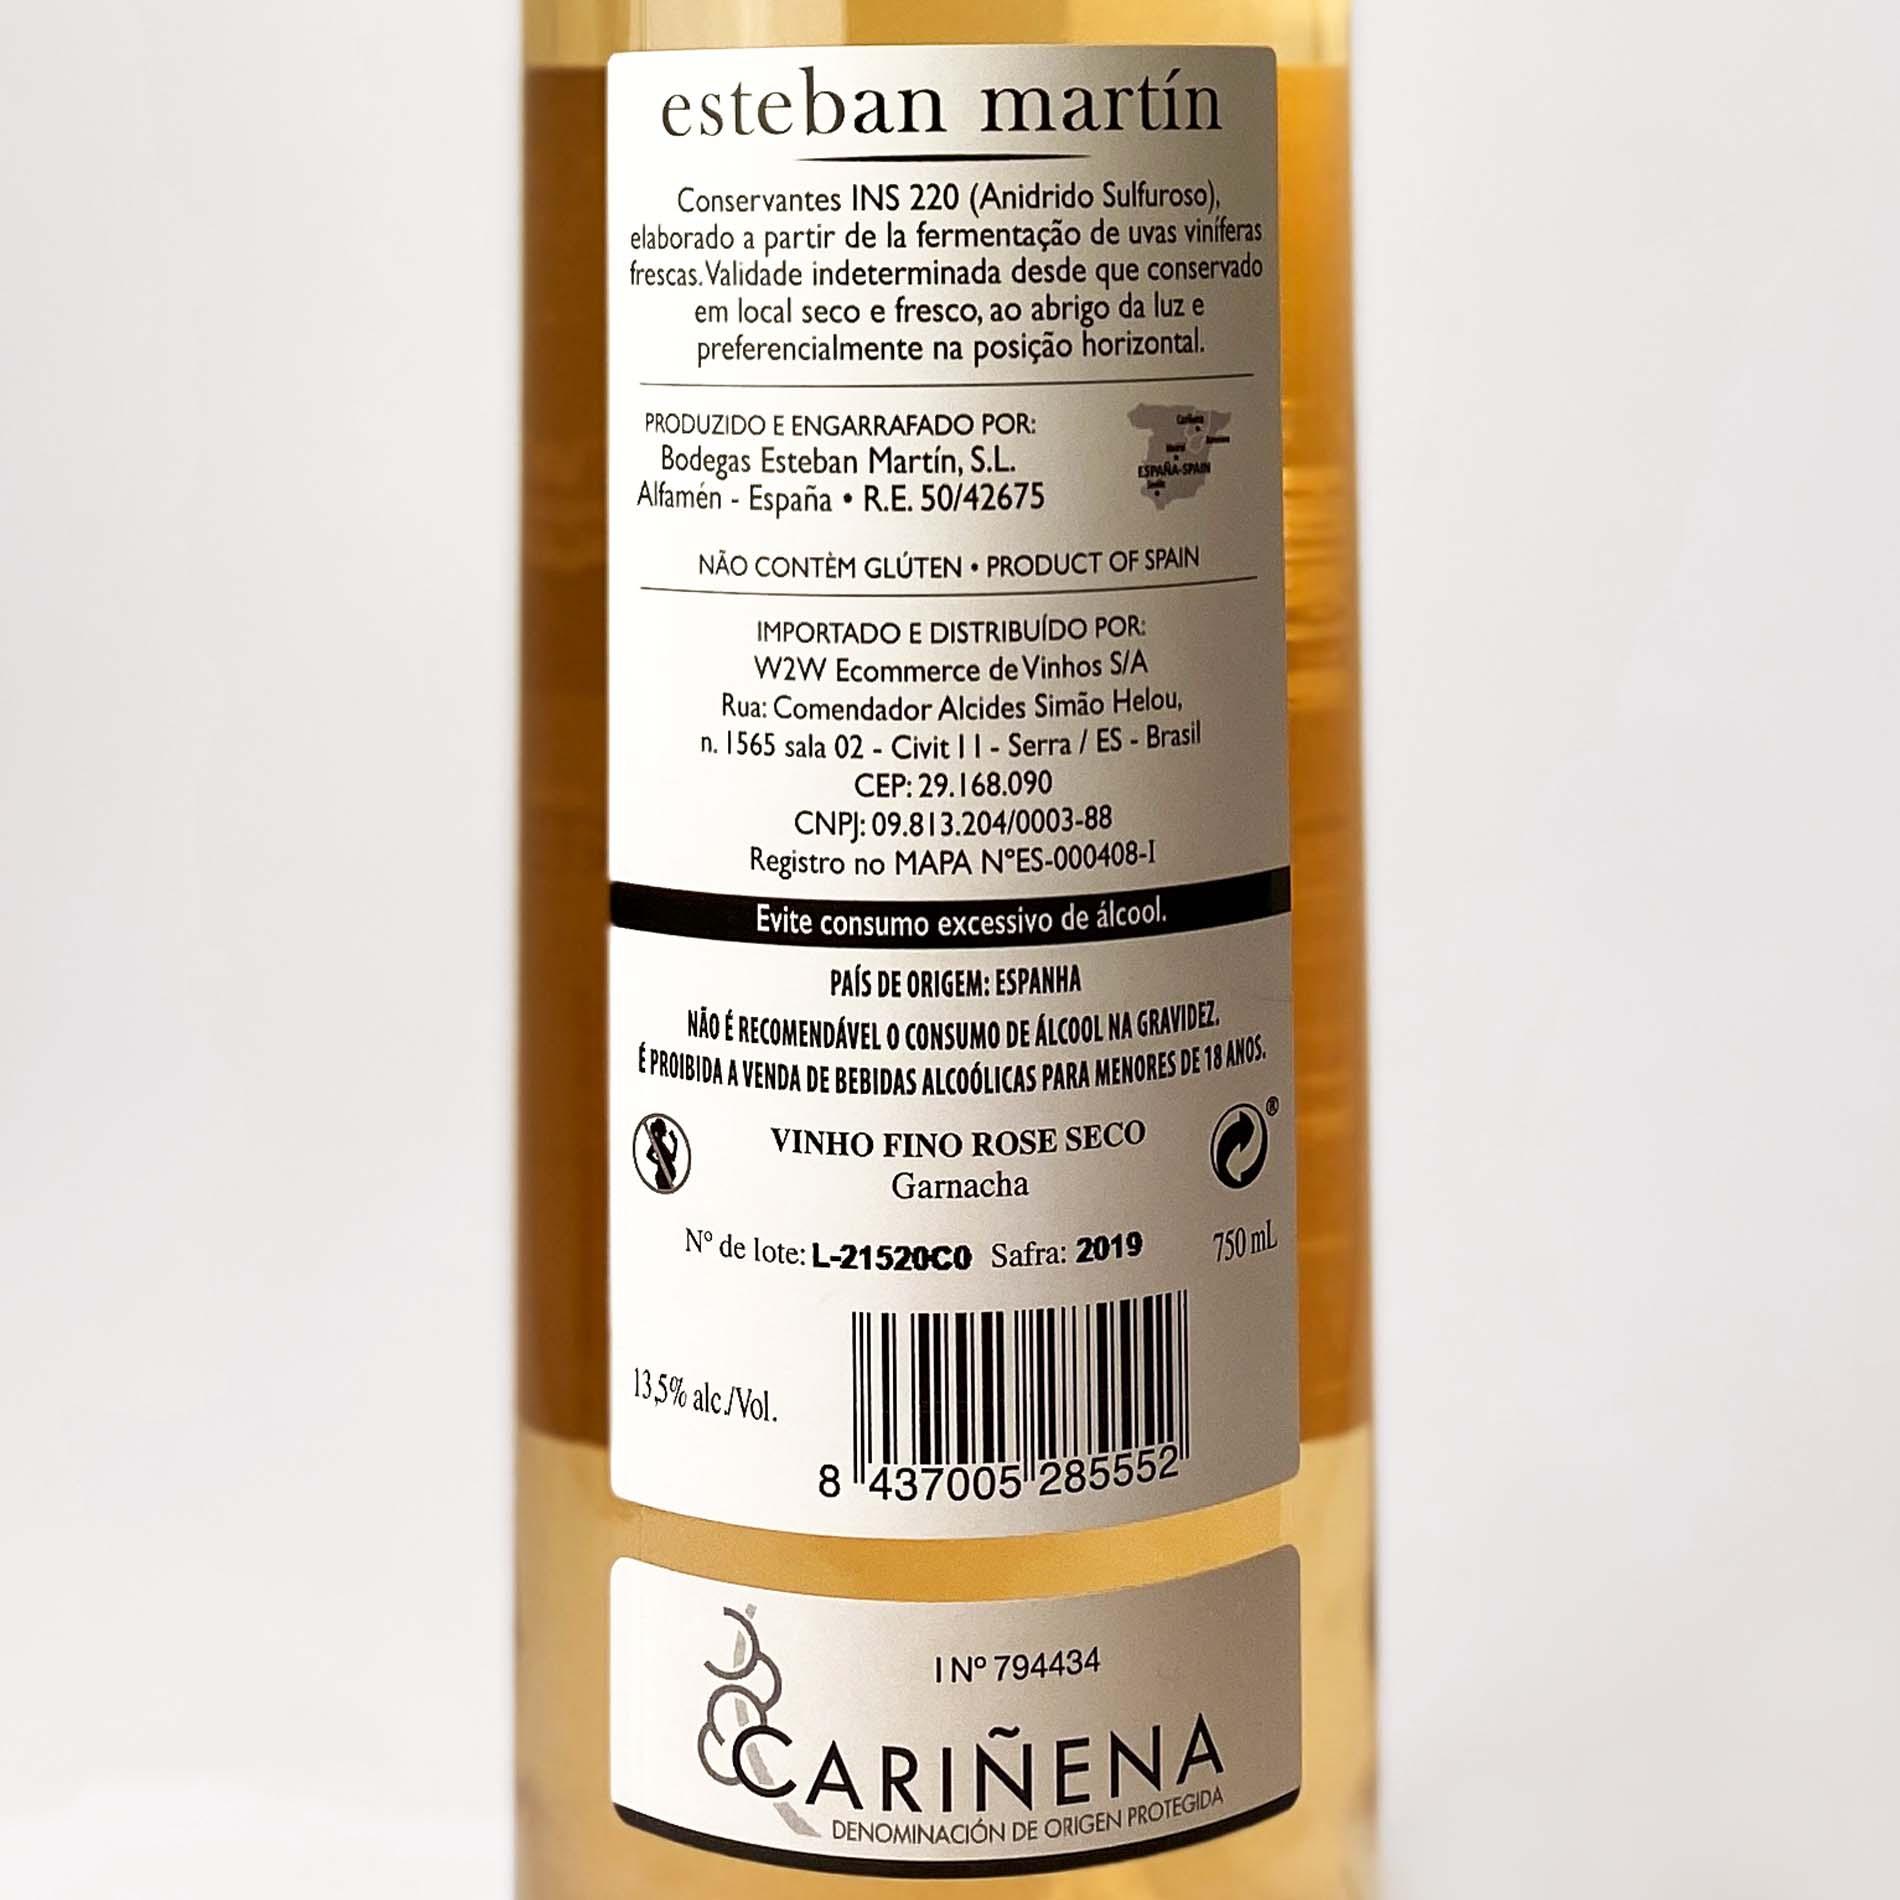 Esteban Martín D.O.P. Cariñena Garnacha Rosado  - Vinerize